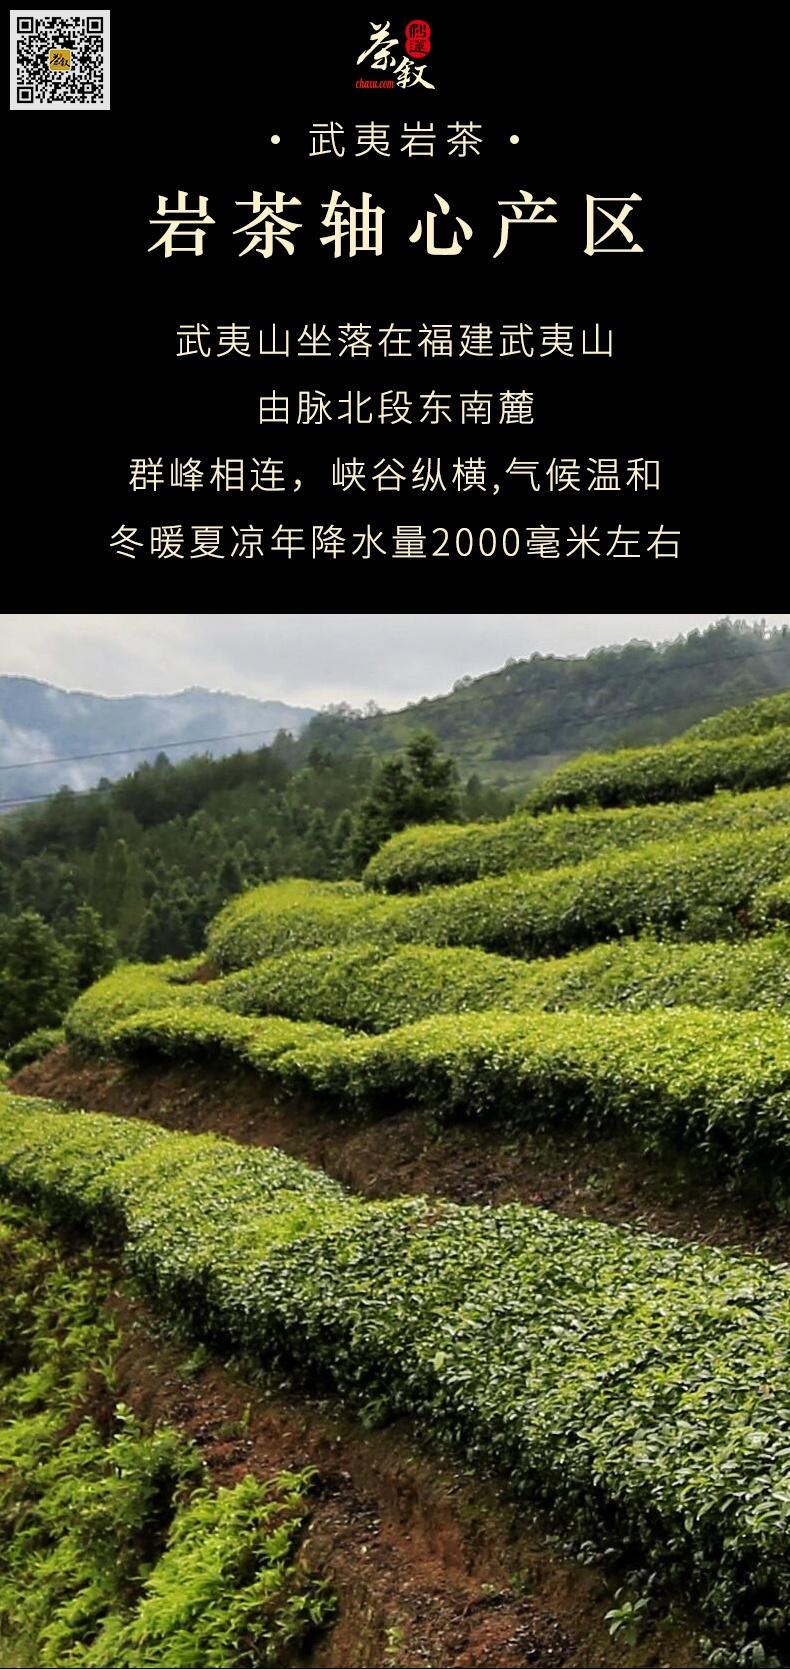 肉桂岩茶工作茶产自武夷山高山茶区